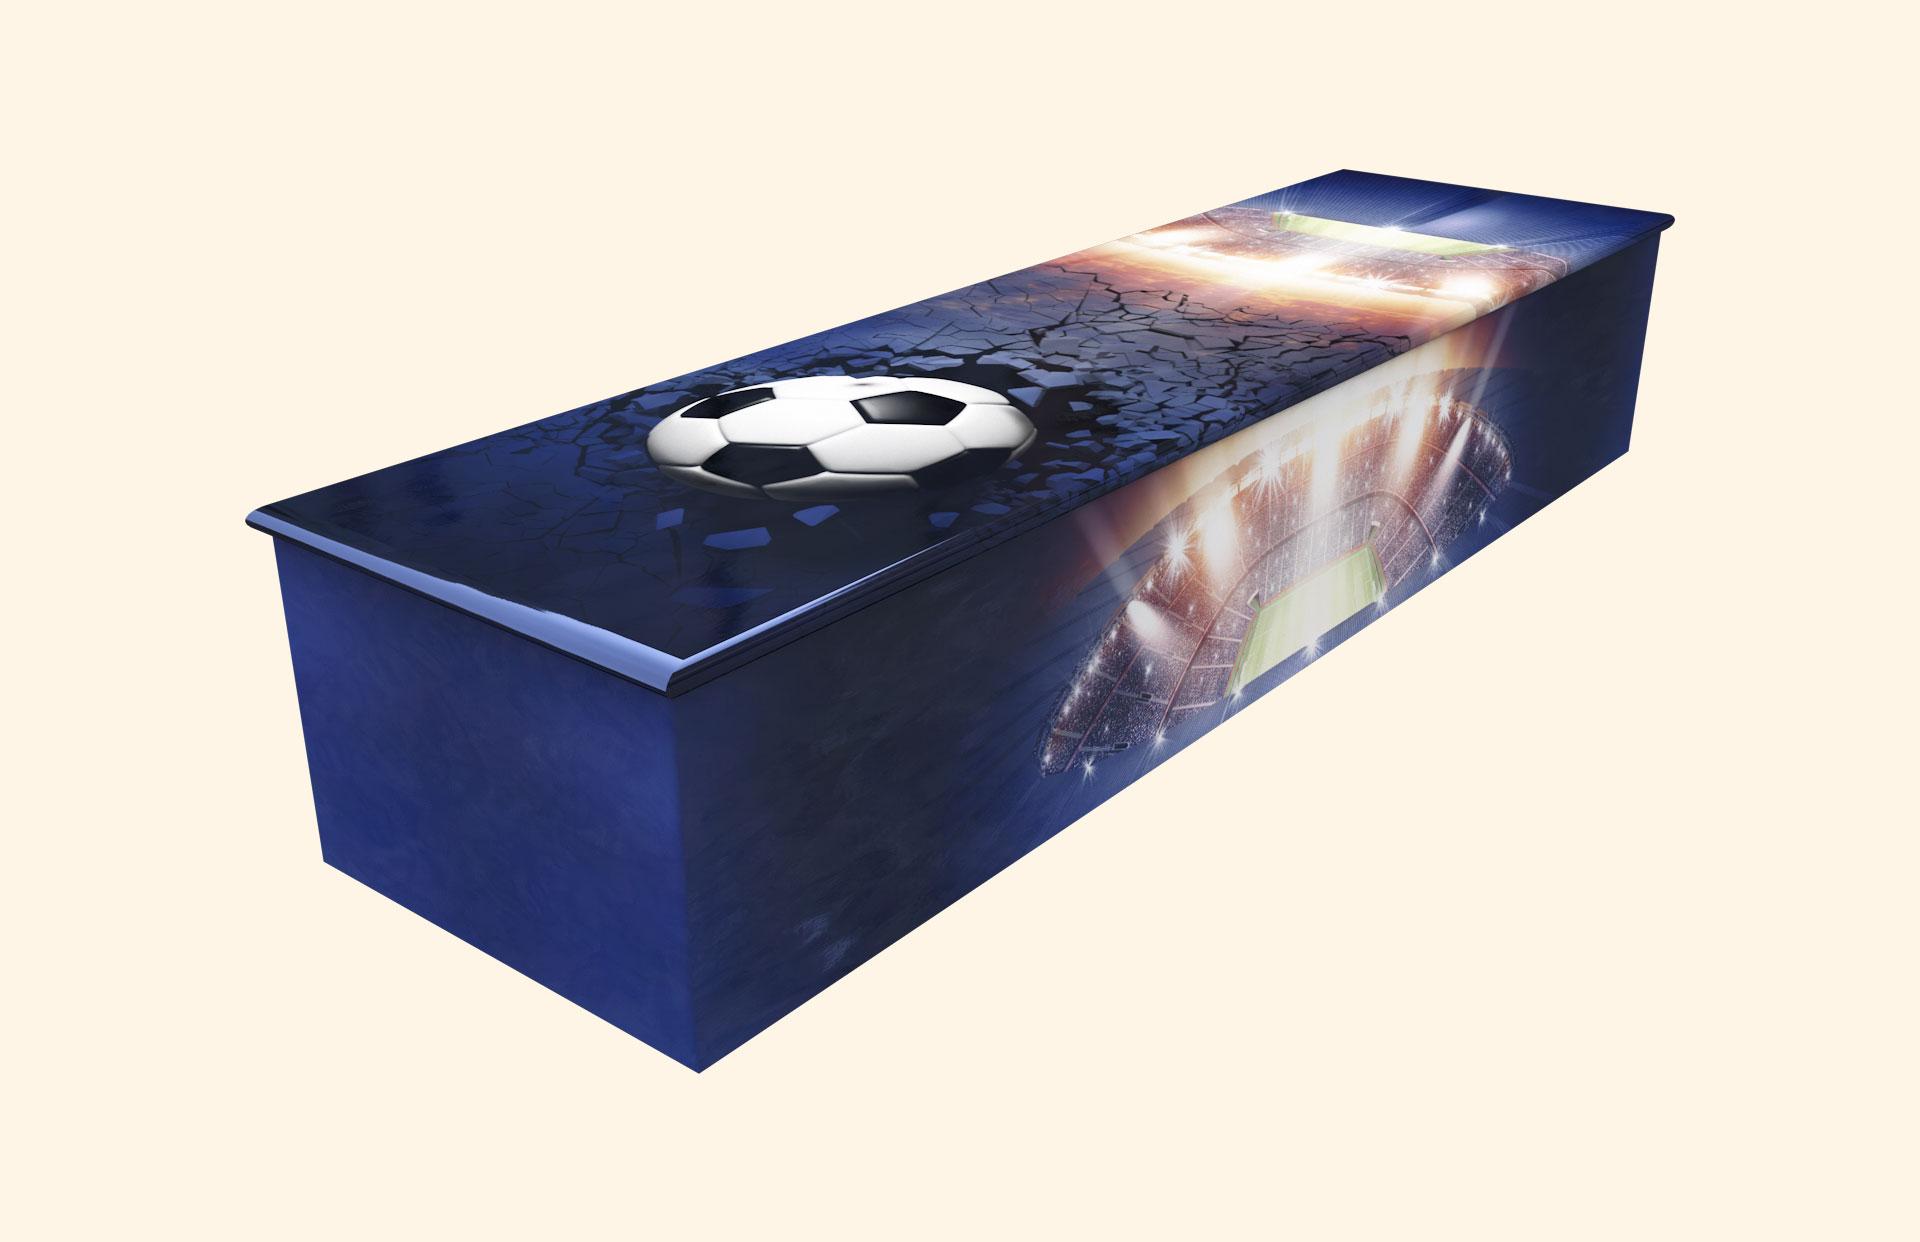 Game On Wooden casket